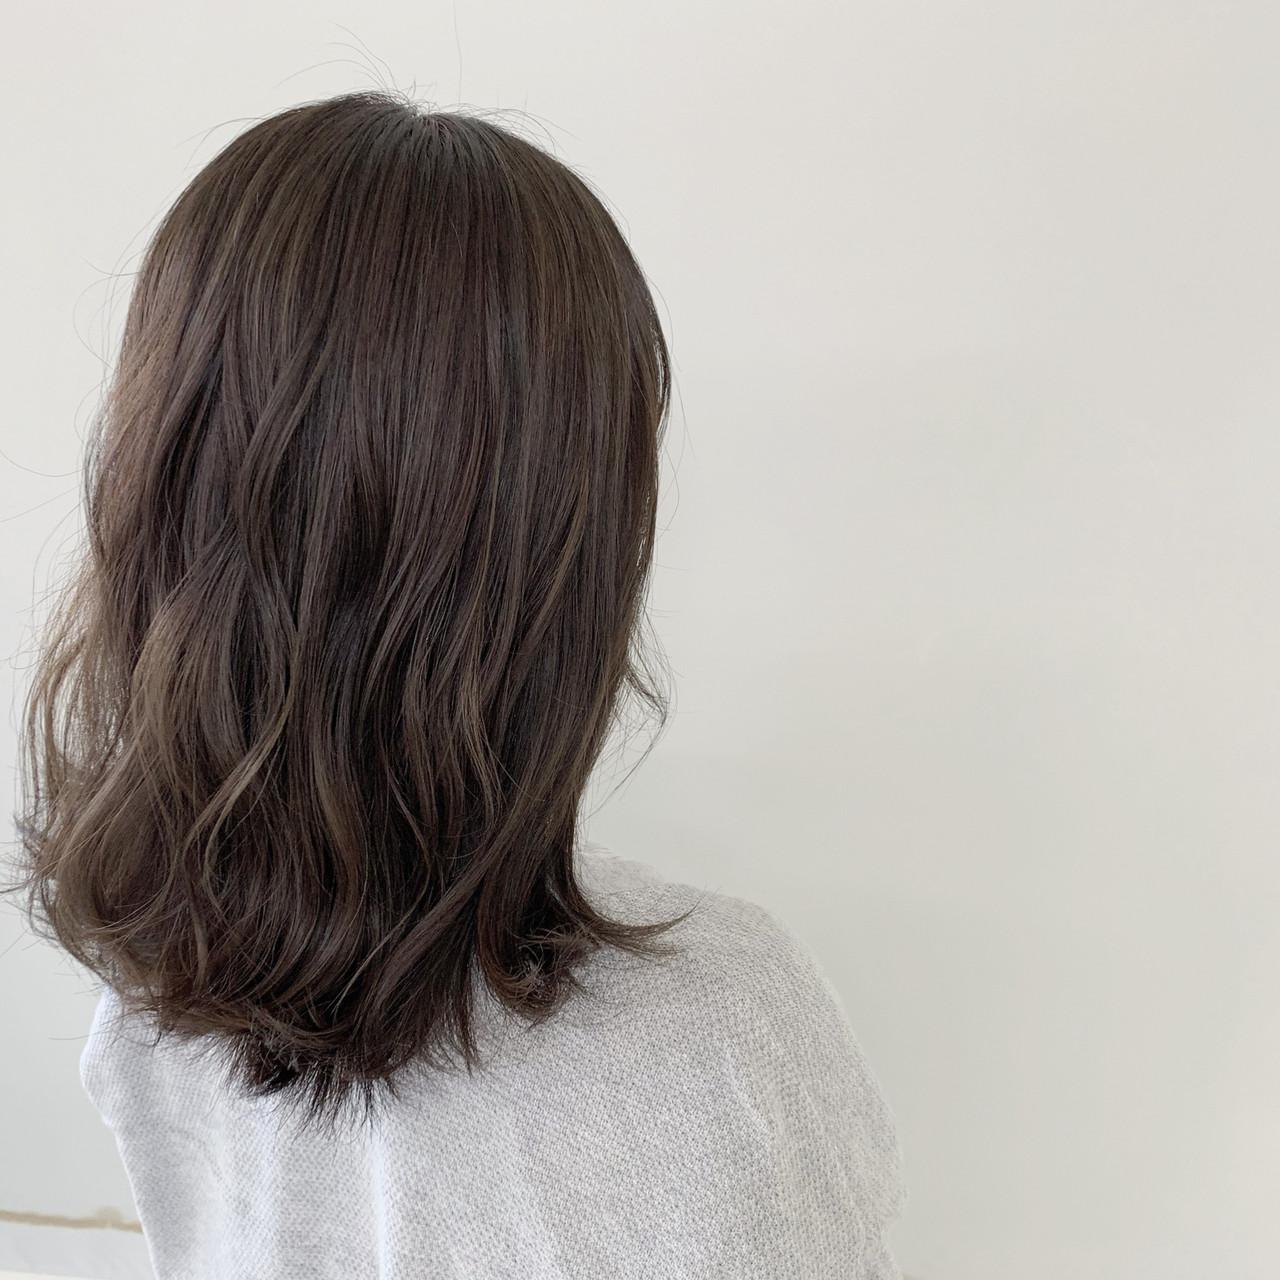 ヘアアレンジ ミディアム コテ巻き ナチュラル ヘアスタイルや髪型の写真・画像 | 新谷 朋宏 / Free hairstylist shinya